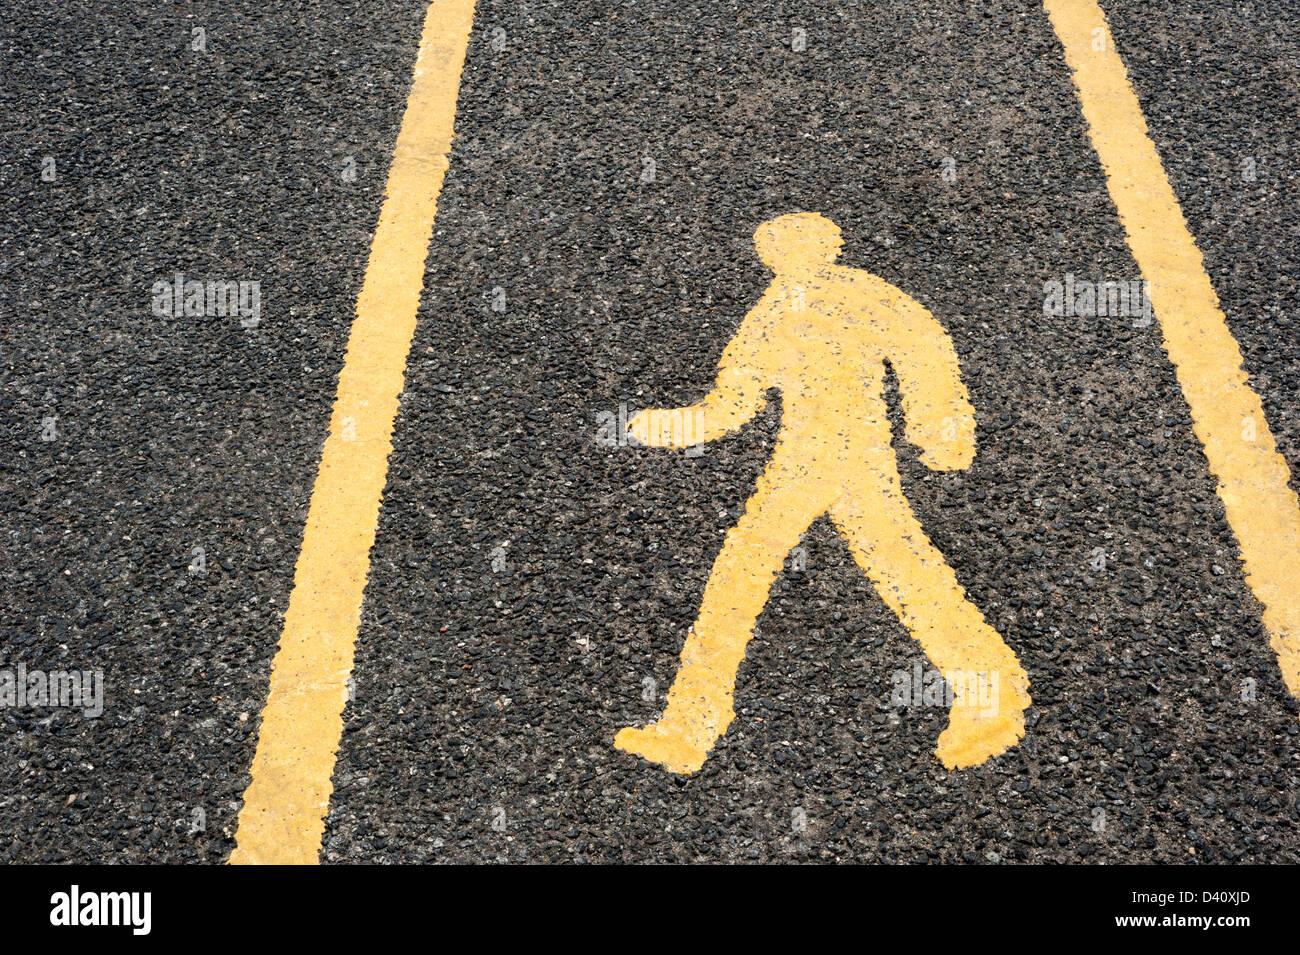 Seguridad peatonal pasarela signo / hombre símbolo pintado sobre una calzada en un aparcamiento, REINO UNIDO Foto de stock